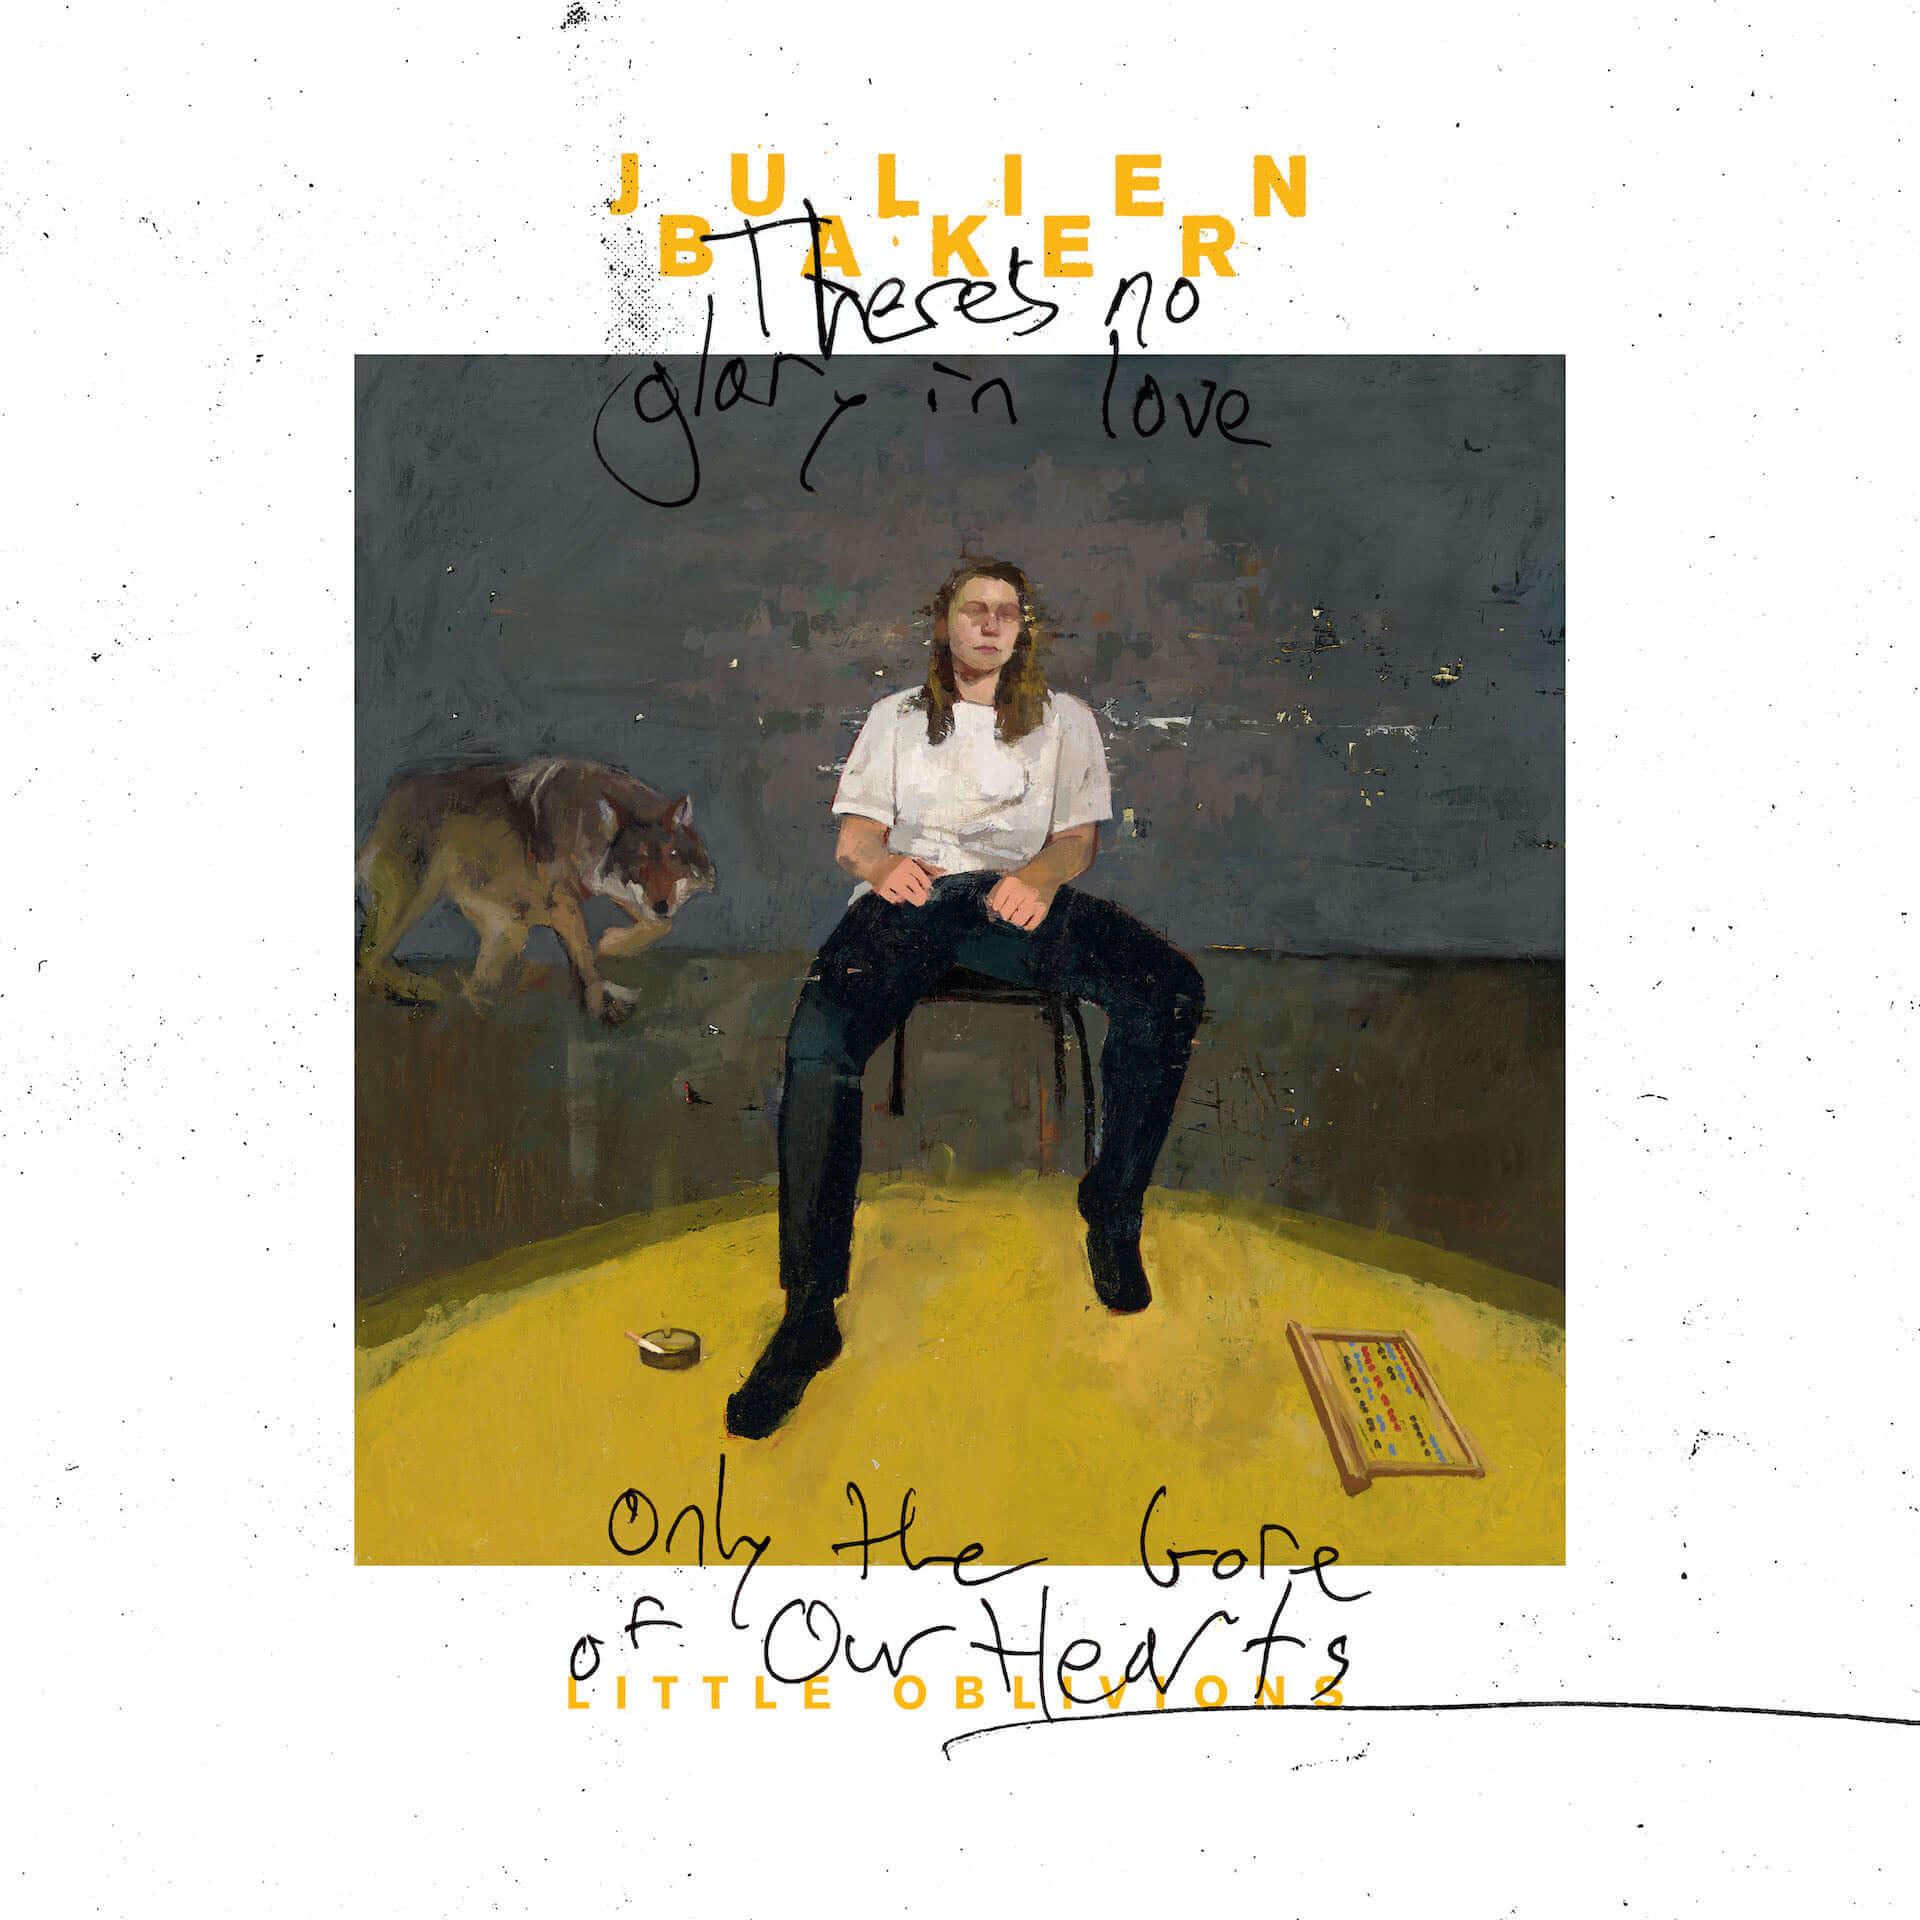 """Julien Bakerが4年ぶりのアルバム『Little Oblivions』をCD&レコードでリリース決定!新曲""""Faith Healer""""がMVと共に公開 music201022_julien-baker_2-1920x1920"""